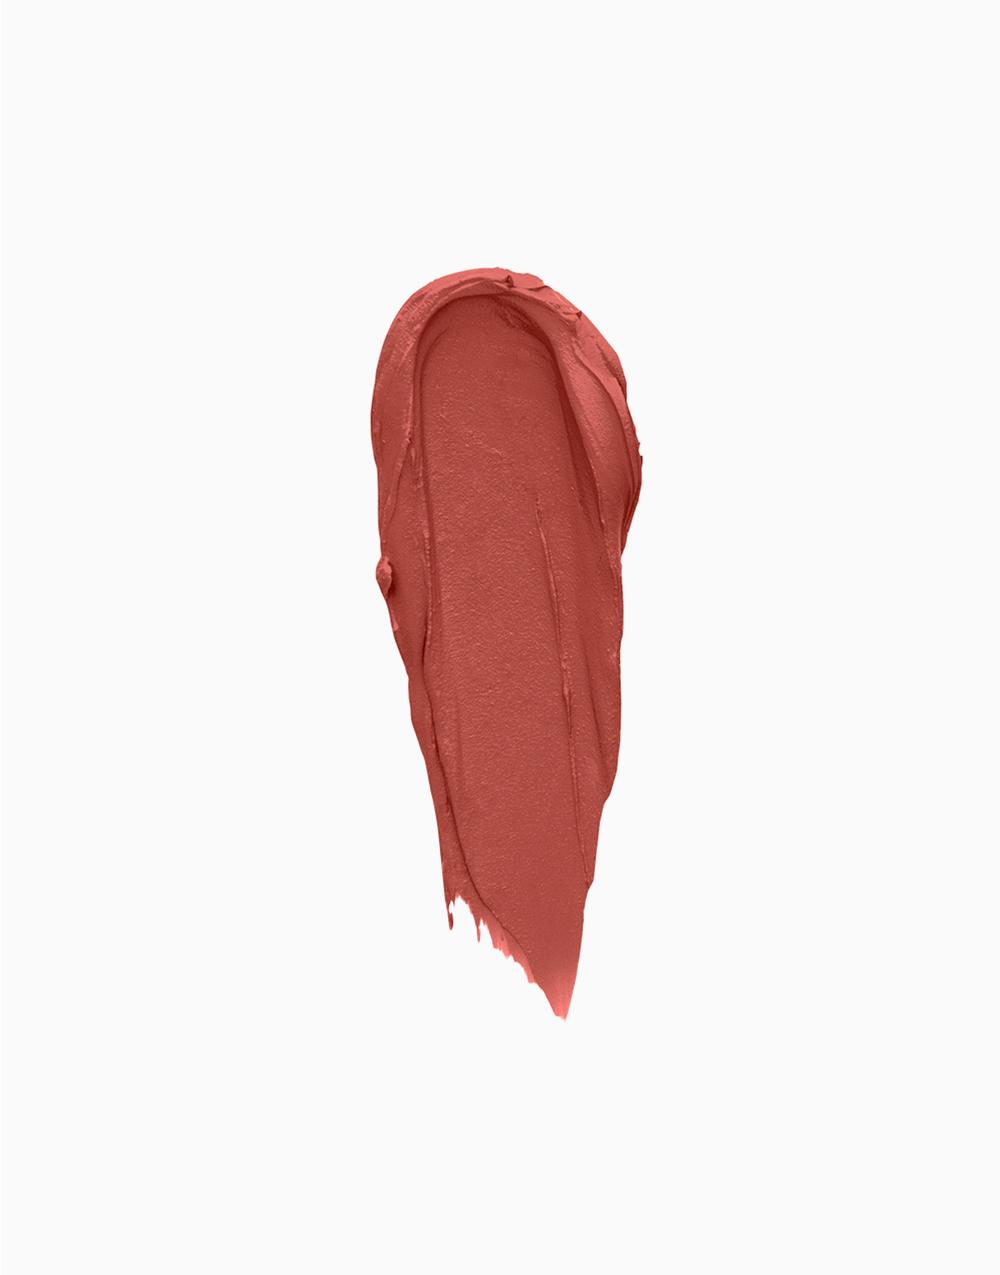 Sunnies Face Fluffmatte [Weightless Modern Matte Lipstick] (On Repeat) by Sunnies Face